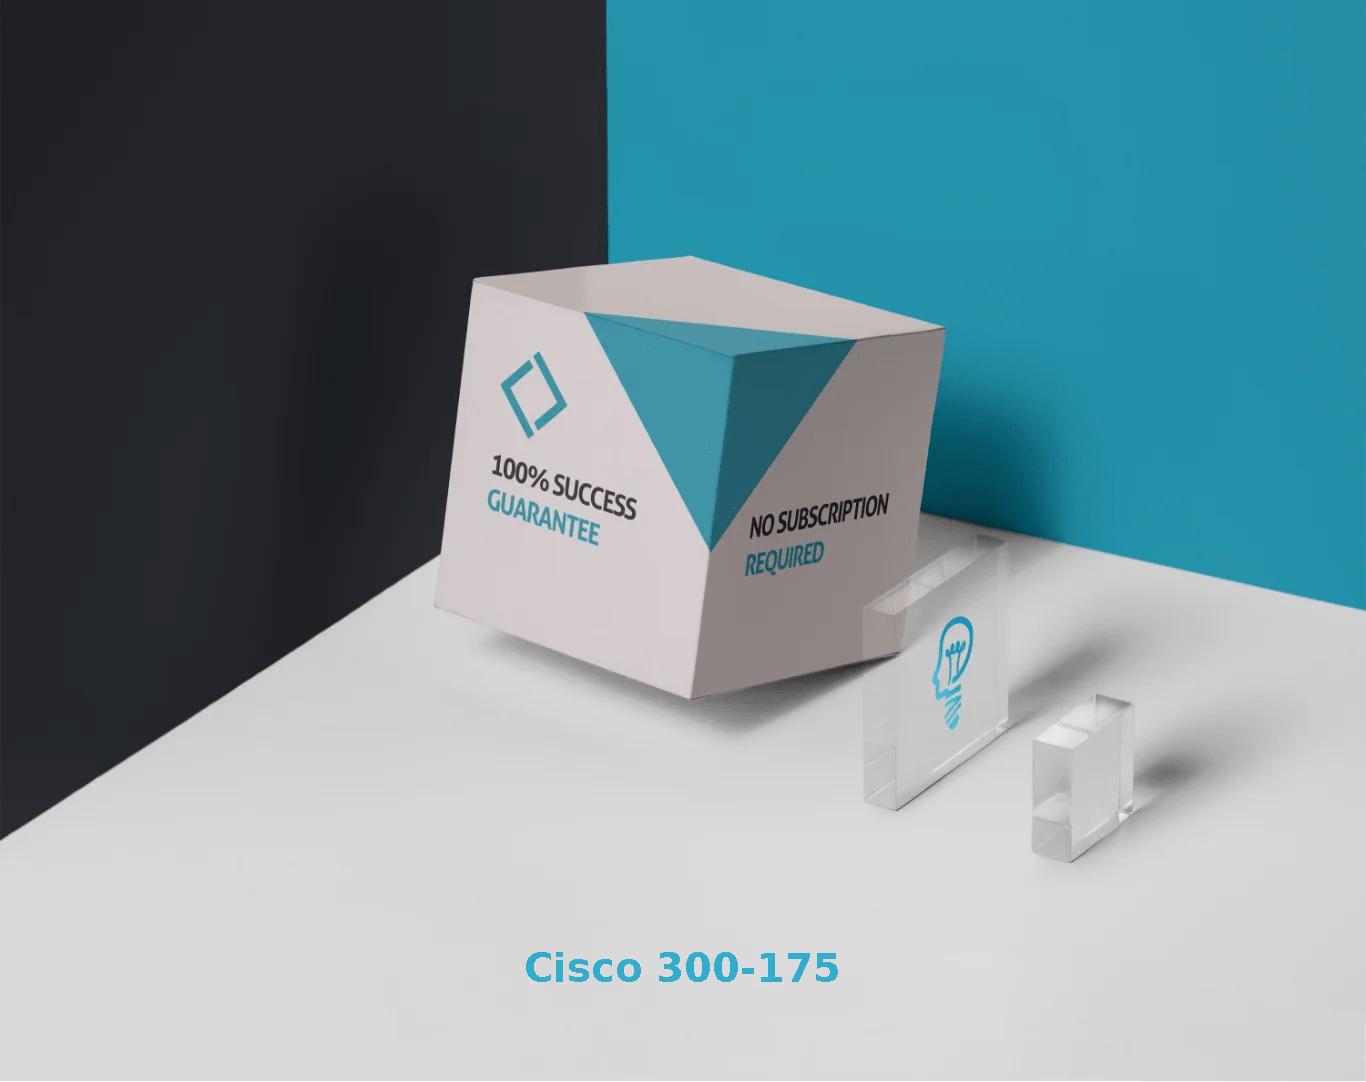 Cisco 300-175 Exams